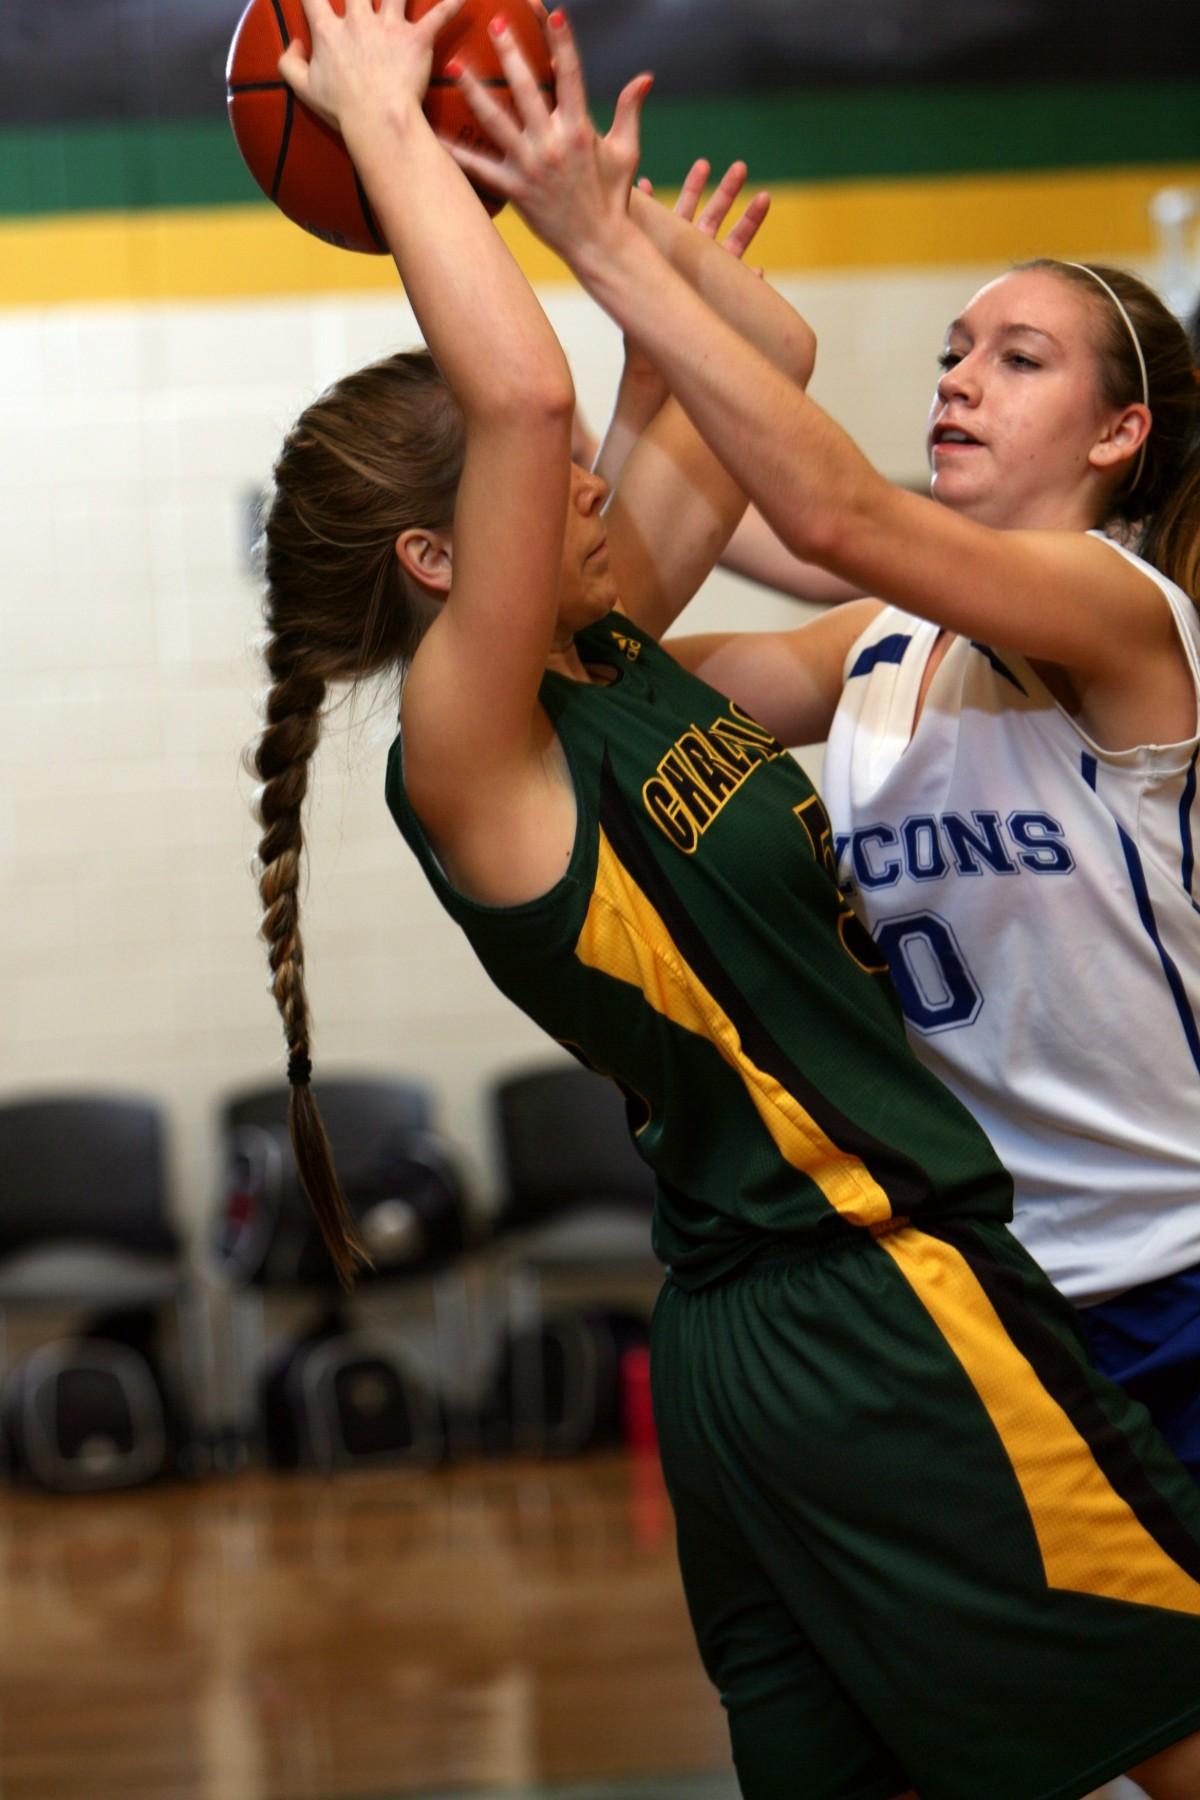 Девушка играющая в баскетбол фото